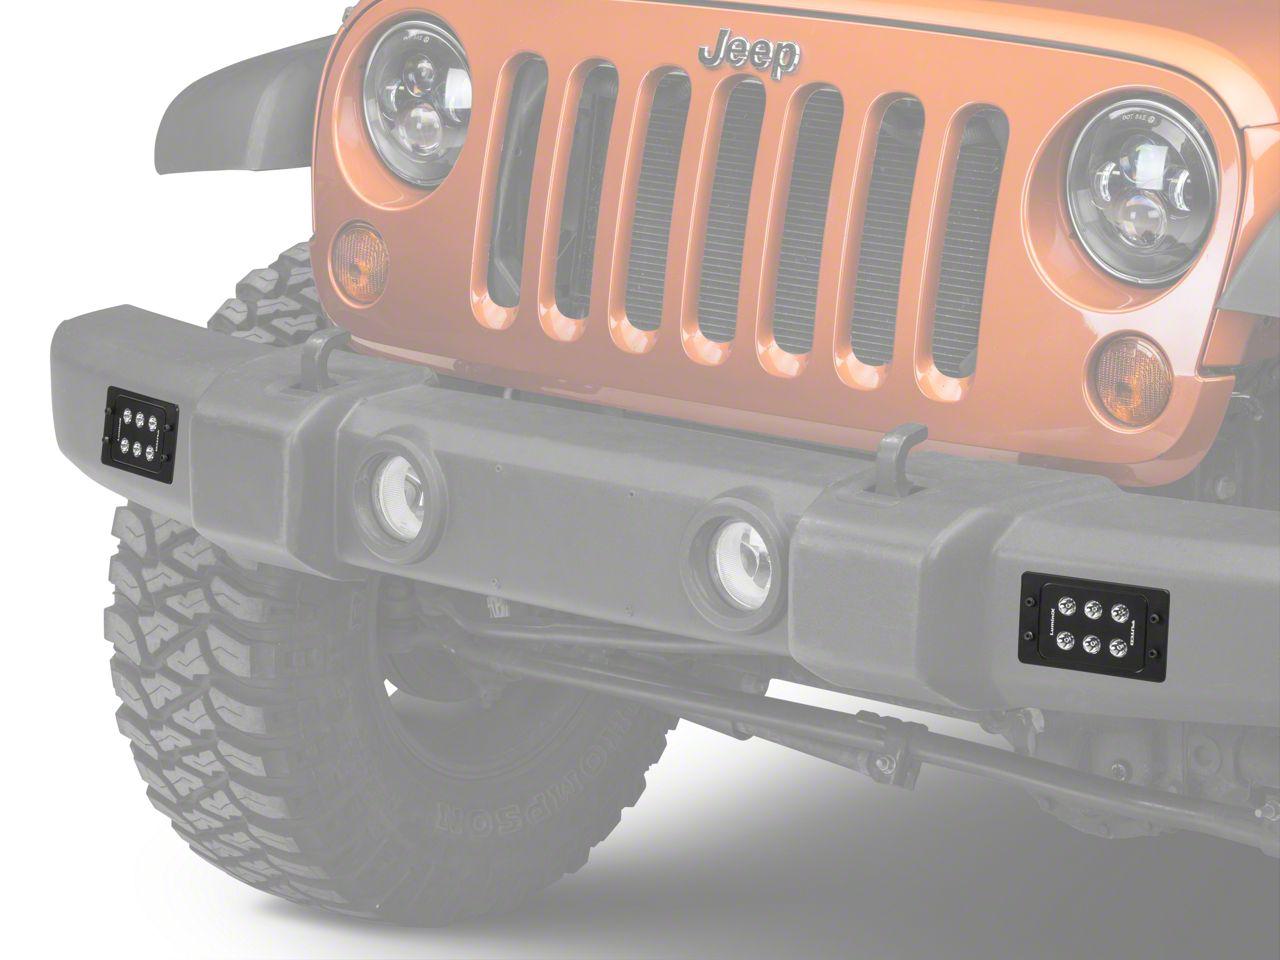 6 in. Luminix High Power 6 LED Flush Mount Light Bar